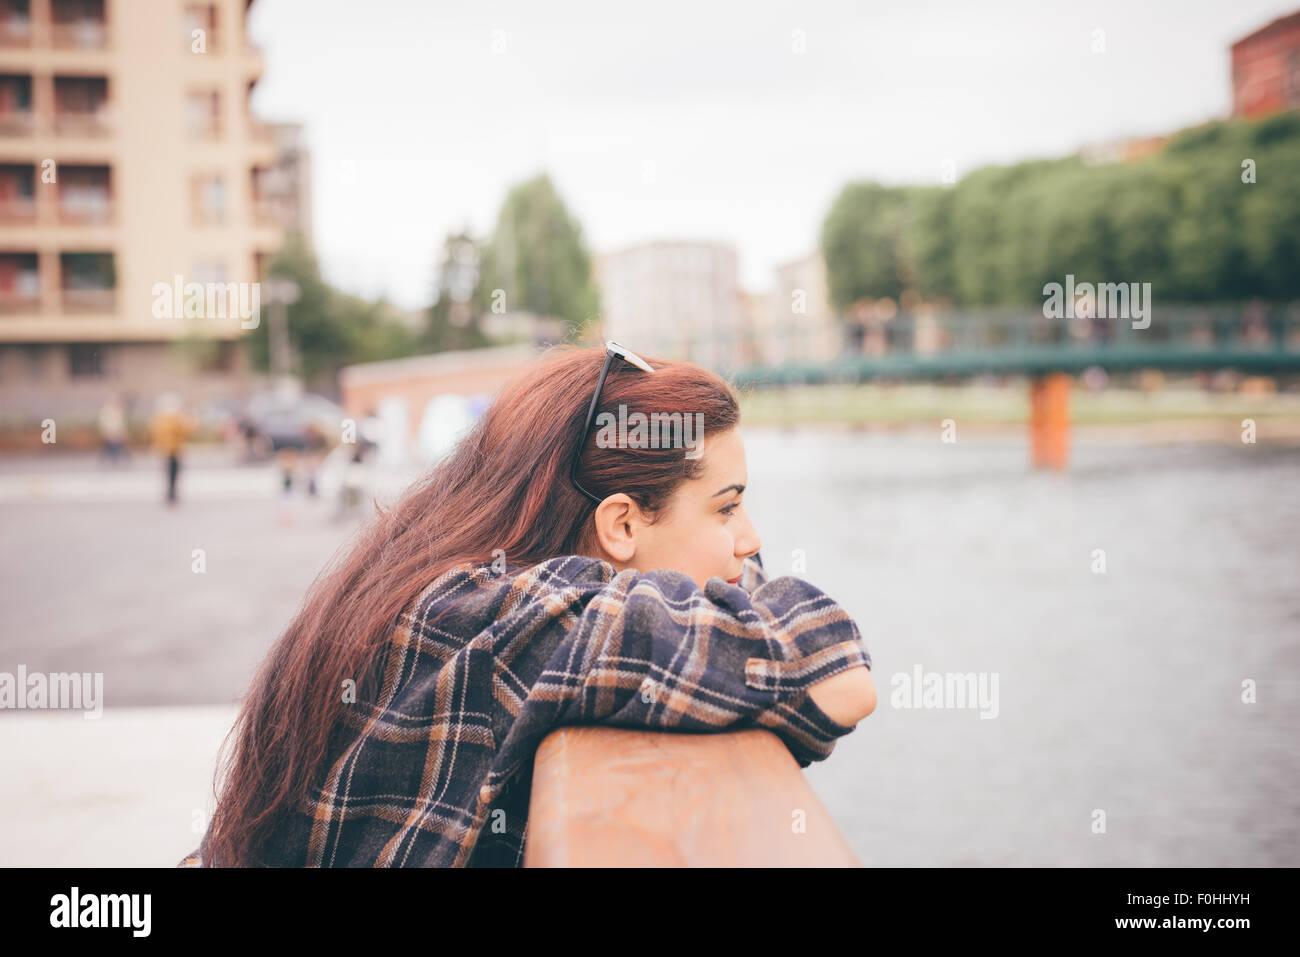 La moitié de la longueur d'un jeune beau cheveux brun rougeâtre caucasian girl appuyé contre Photo Stock